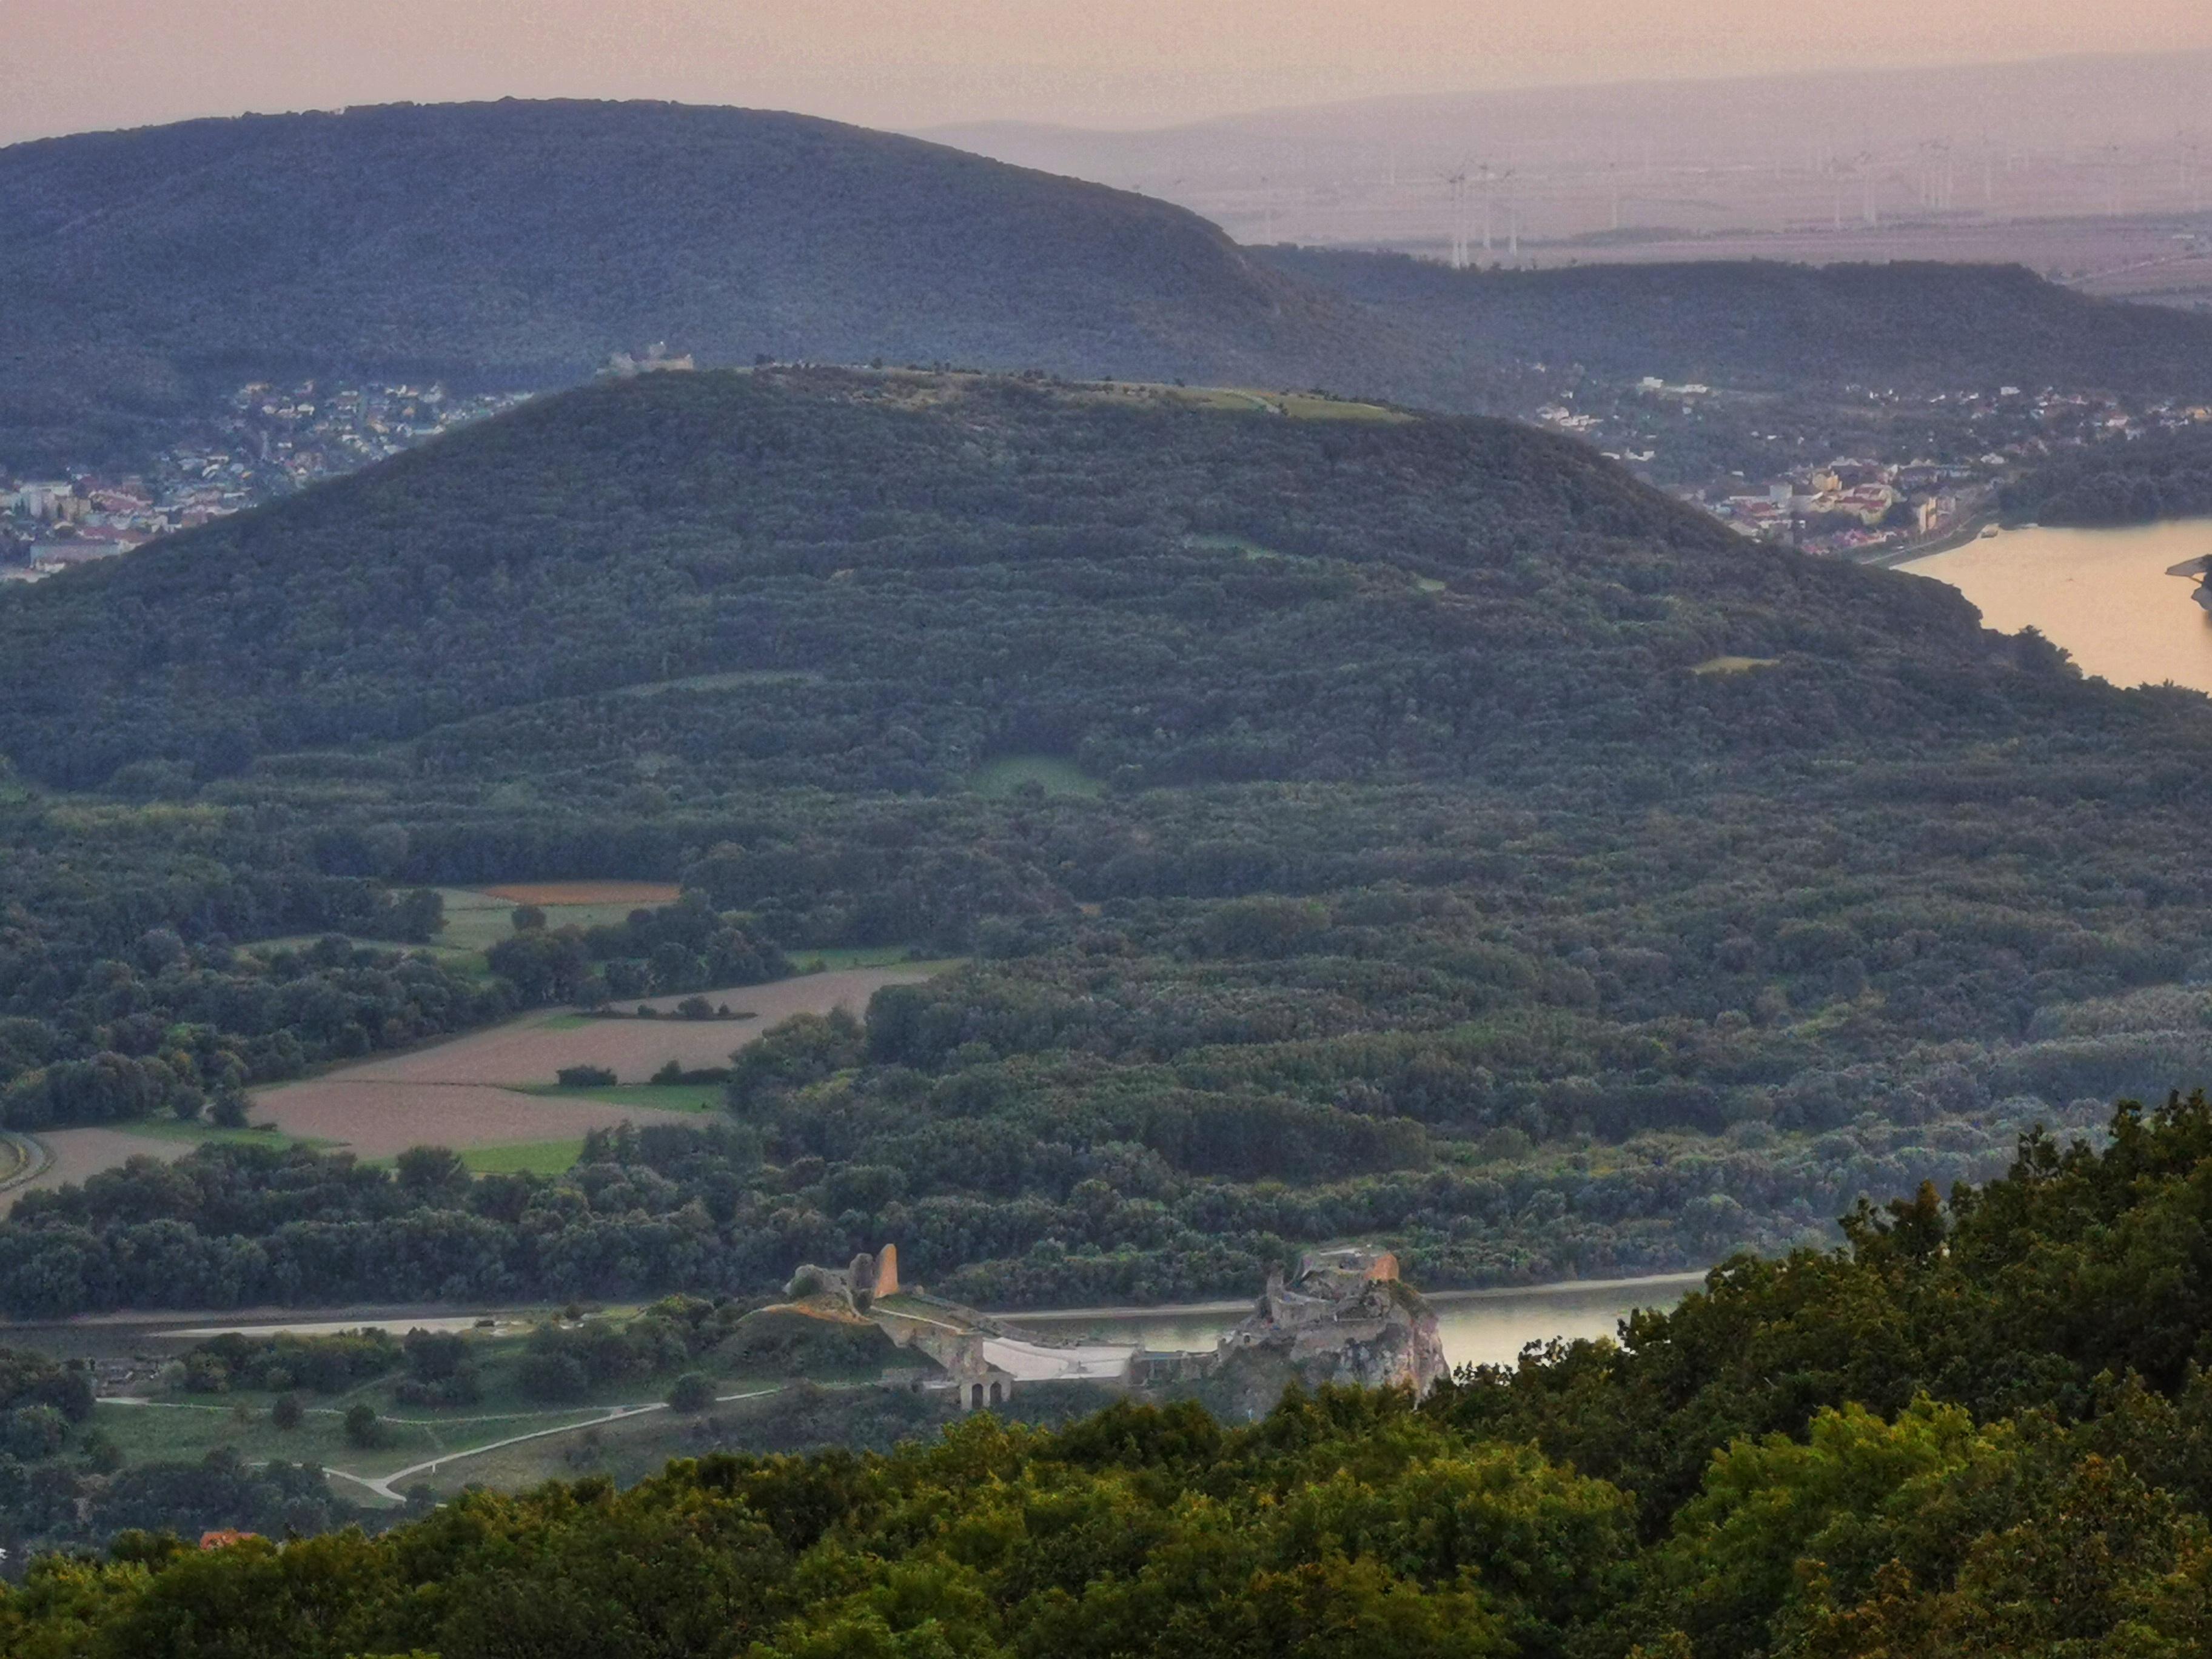 Devín as seen from Devínska Kobyla lookout tower.